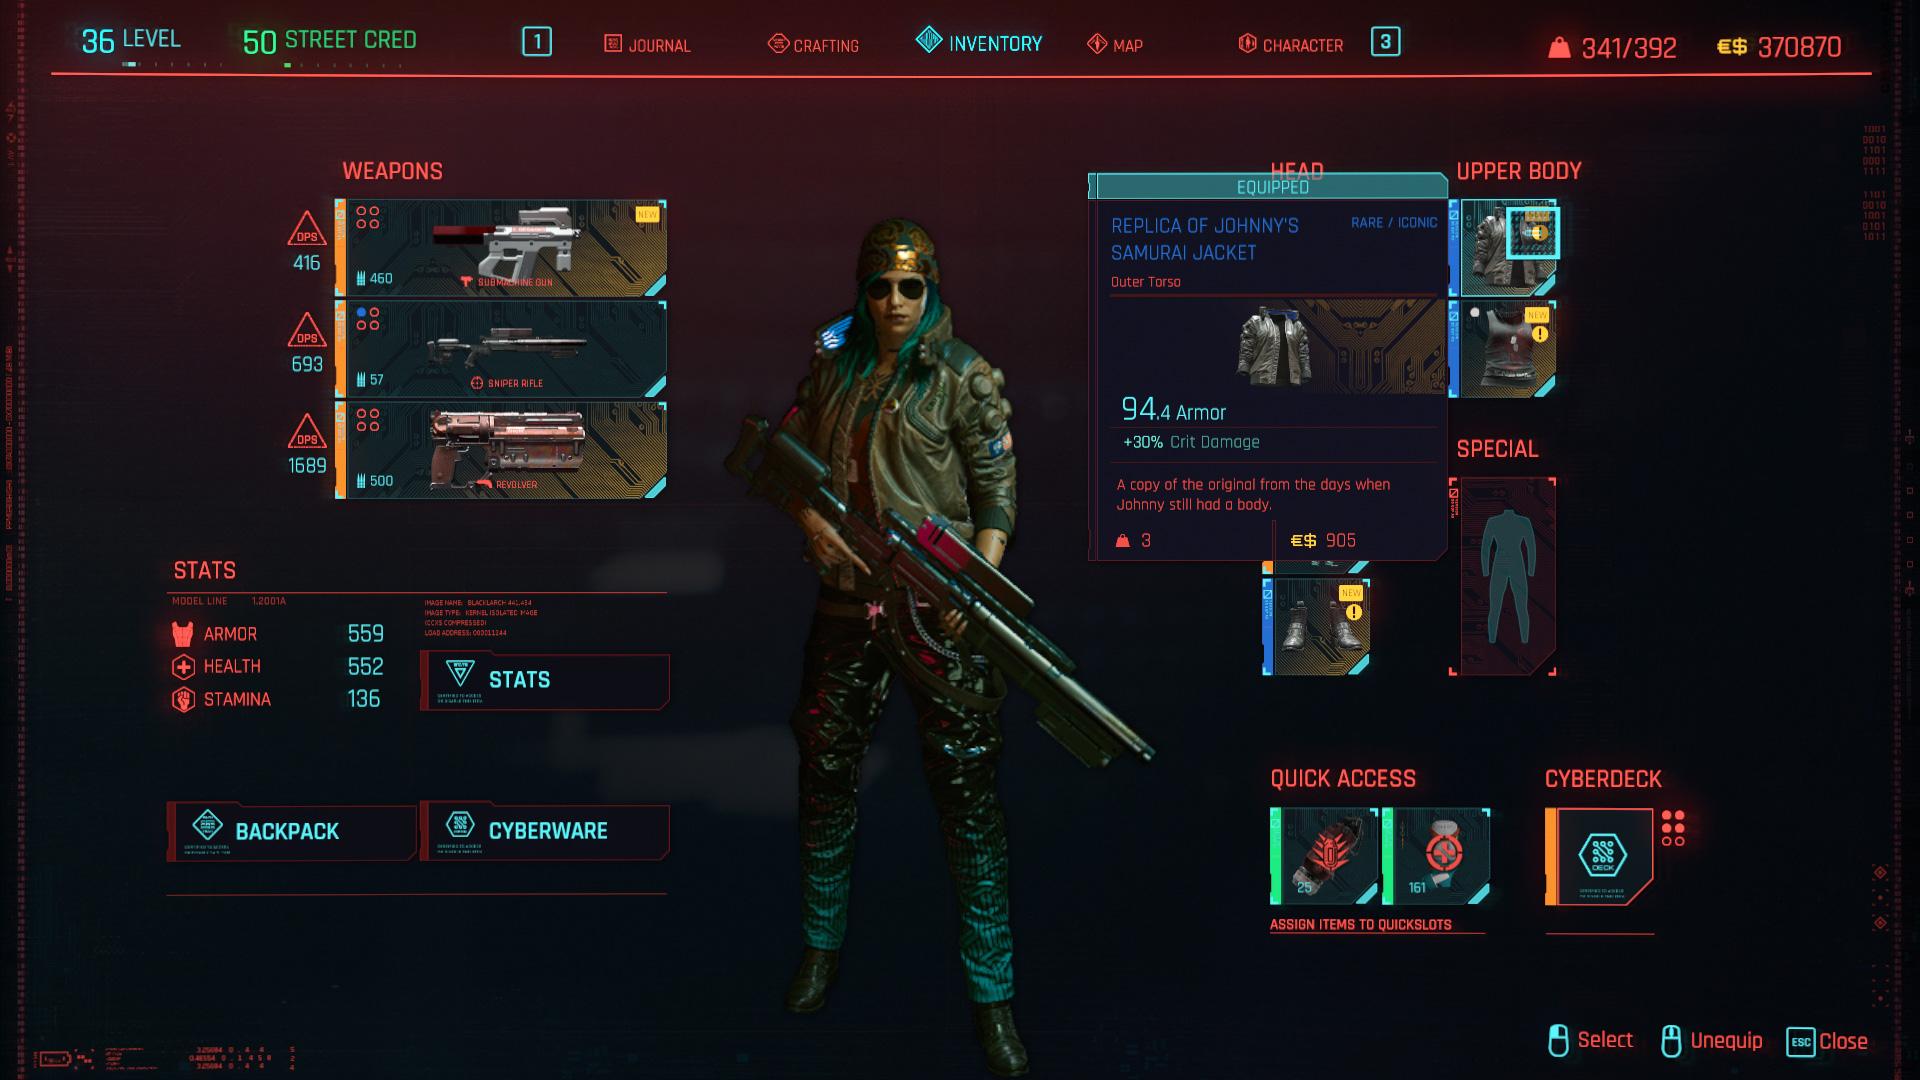 Tous les vêtements légendaires et emblématiques dans Cyberpunk 2077 - Réplique de la veste Samurai de Johnny